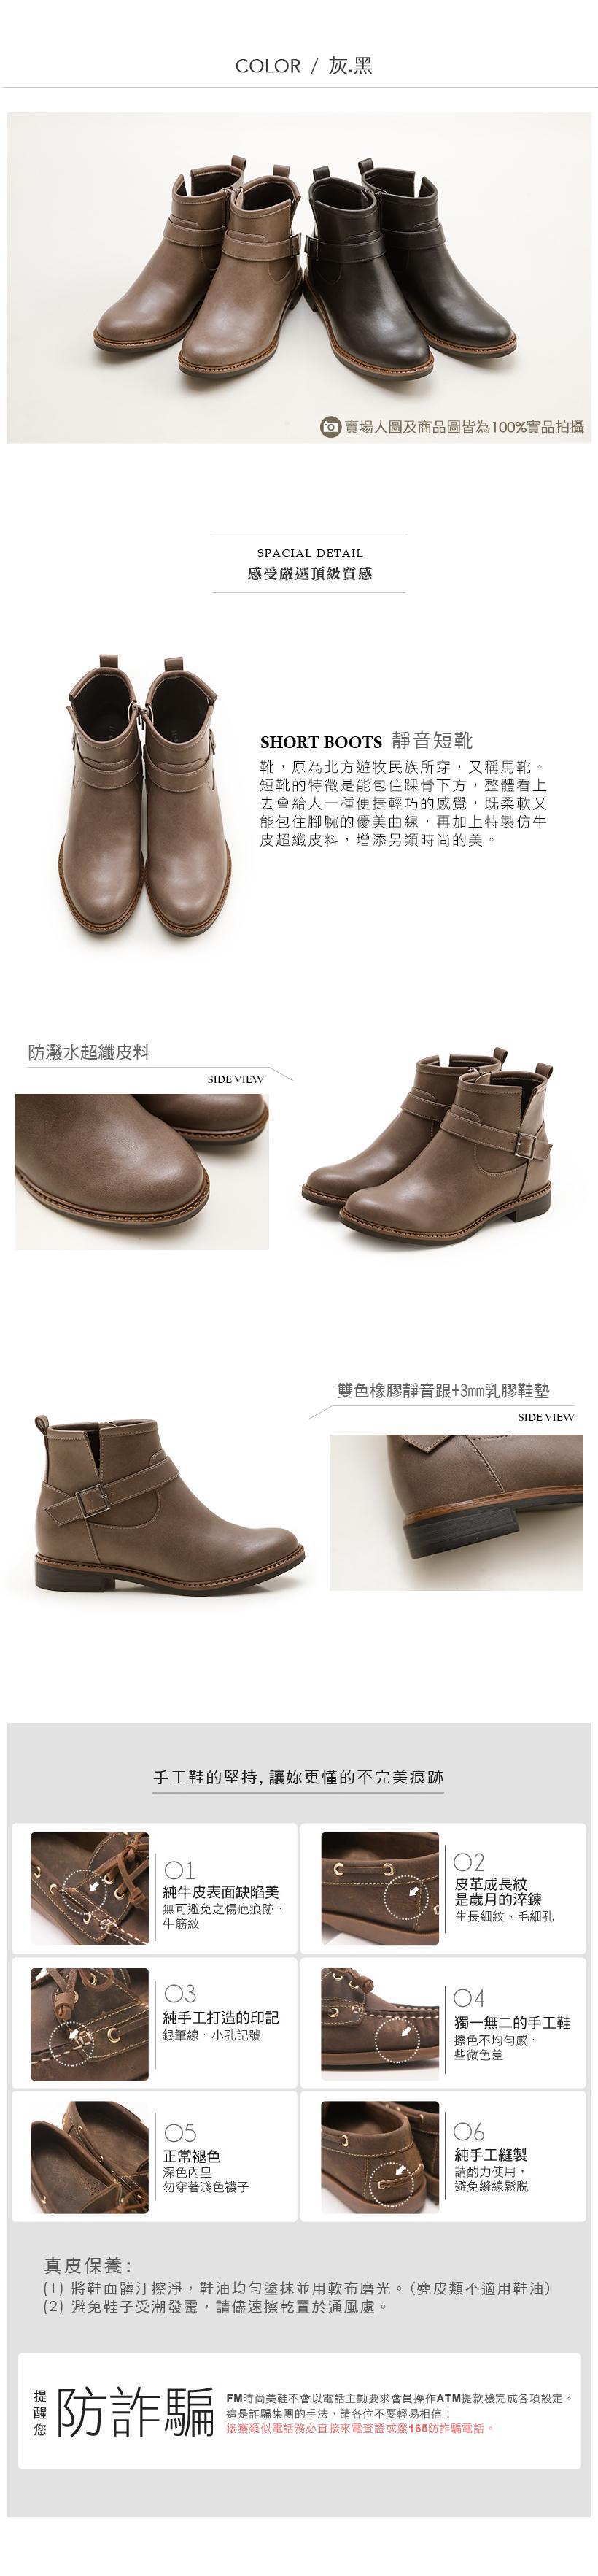 JJ-防潑水內增高靜音短靴(灰)-大尺碼